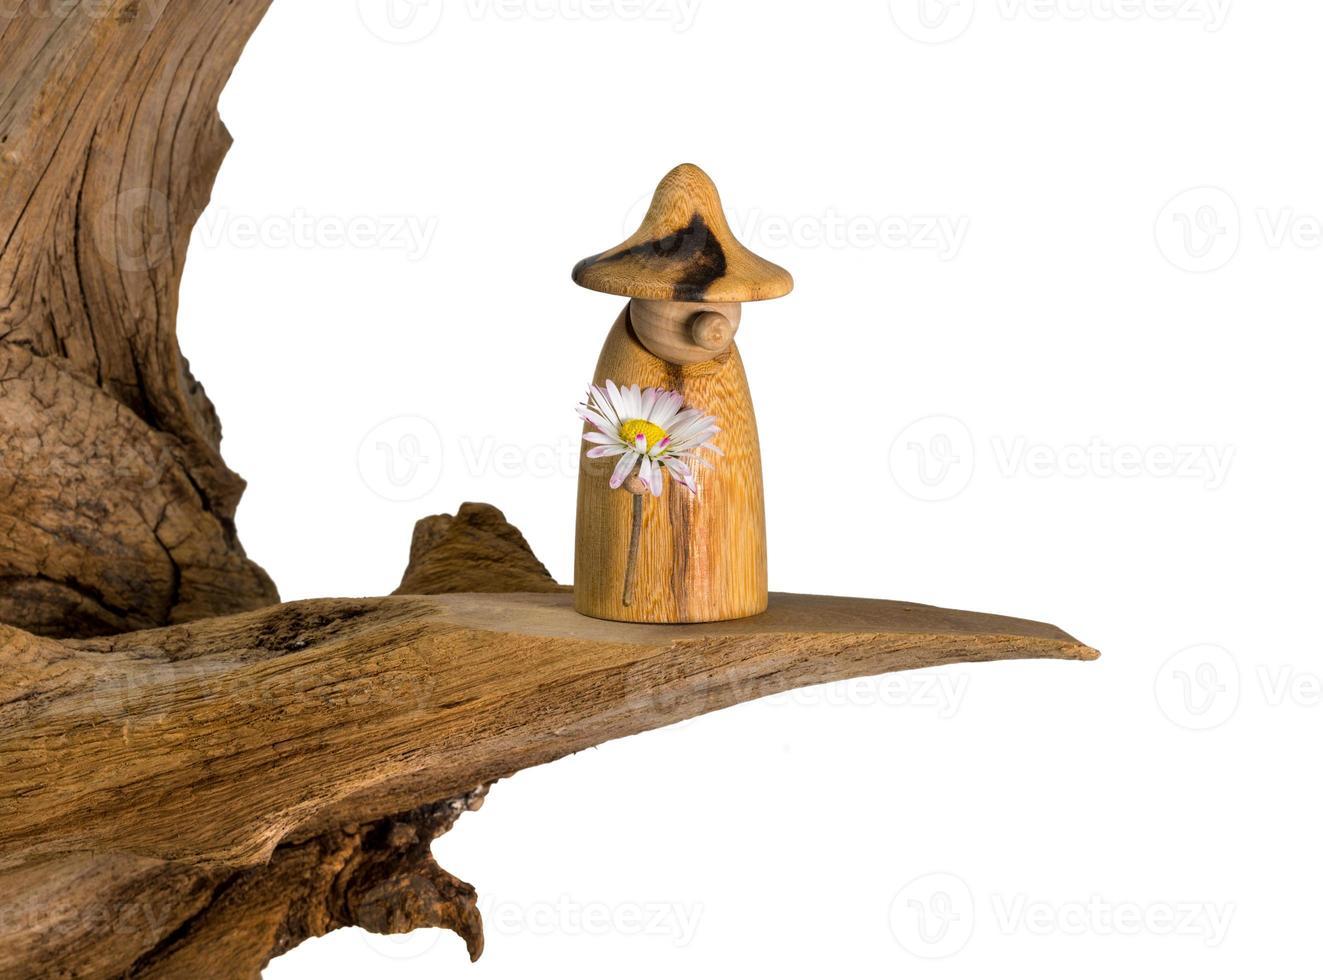 gnomo da floresta virado com uma margarida na mão fica em um velho toco de árvore foto